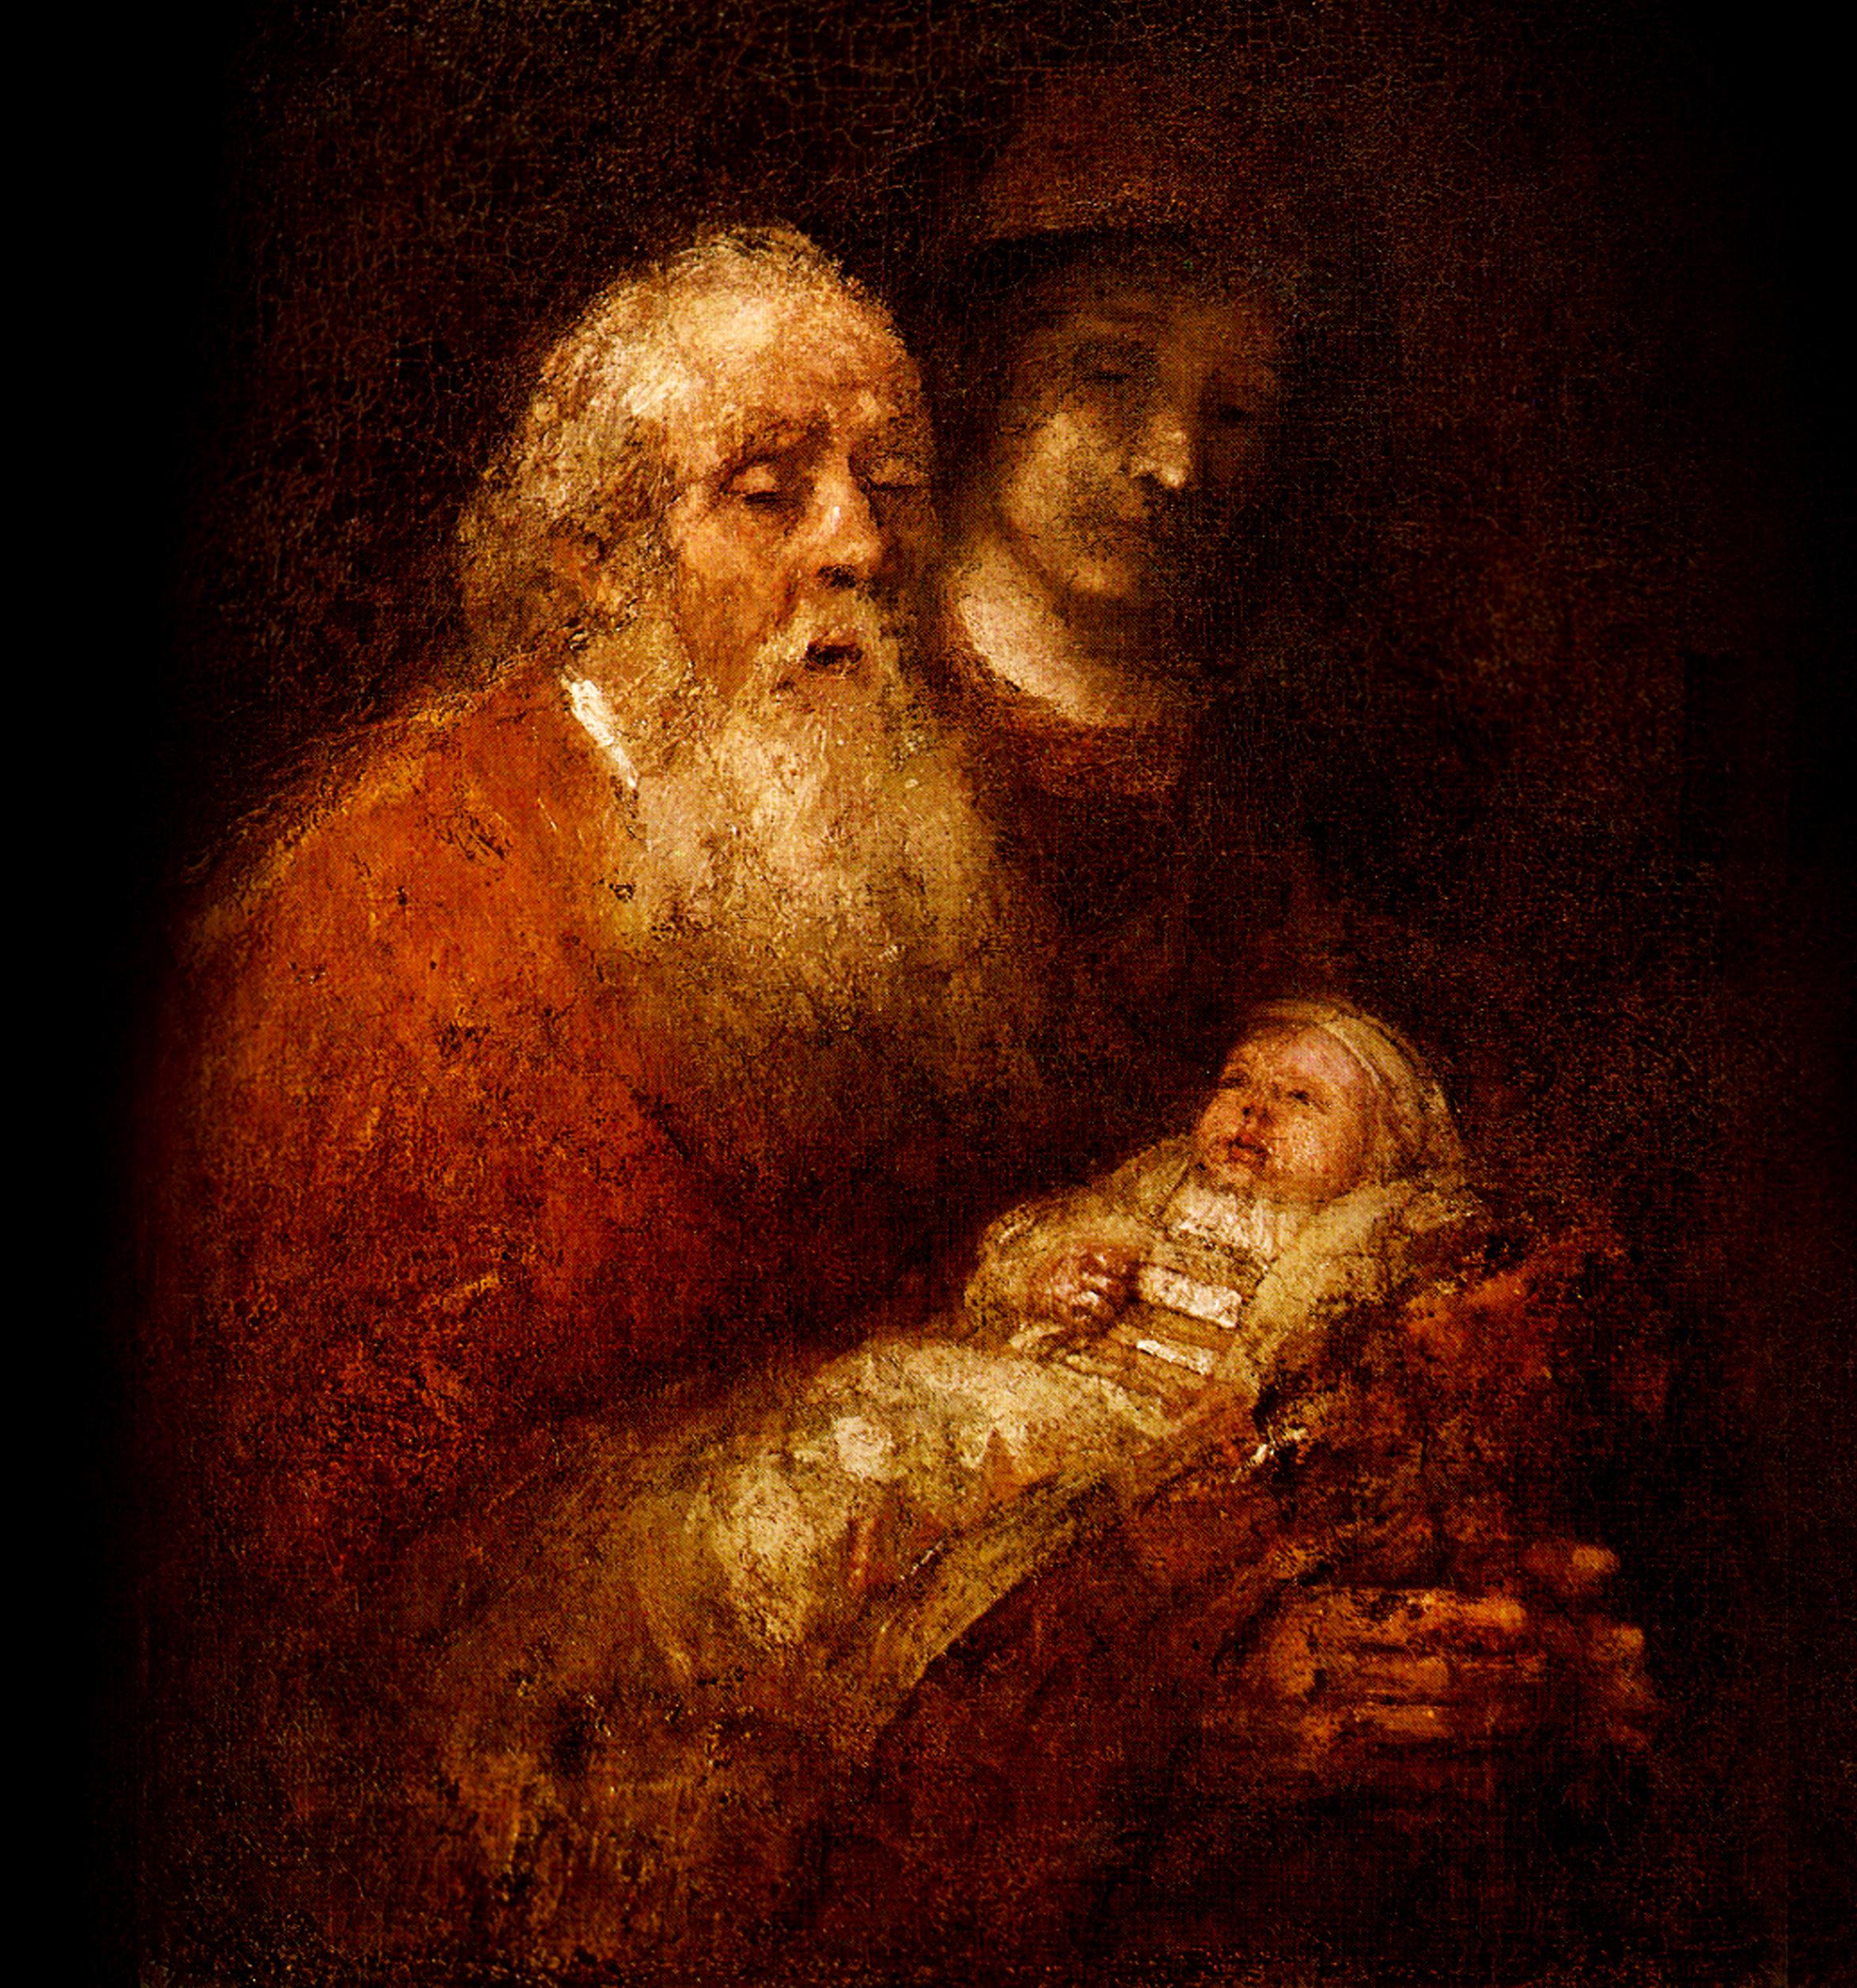 Rembrandt-Nunc dimmitis 616013.jpg